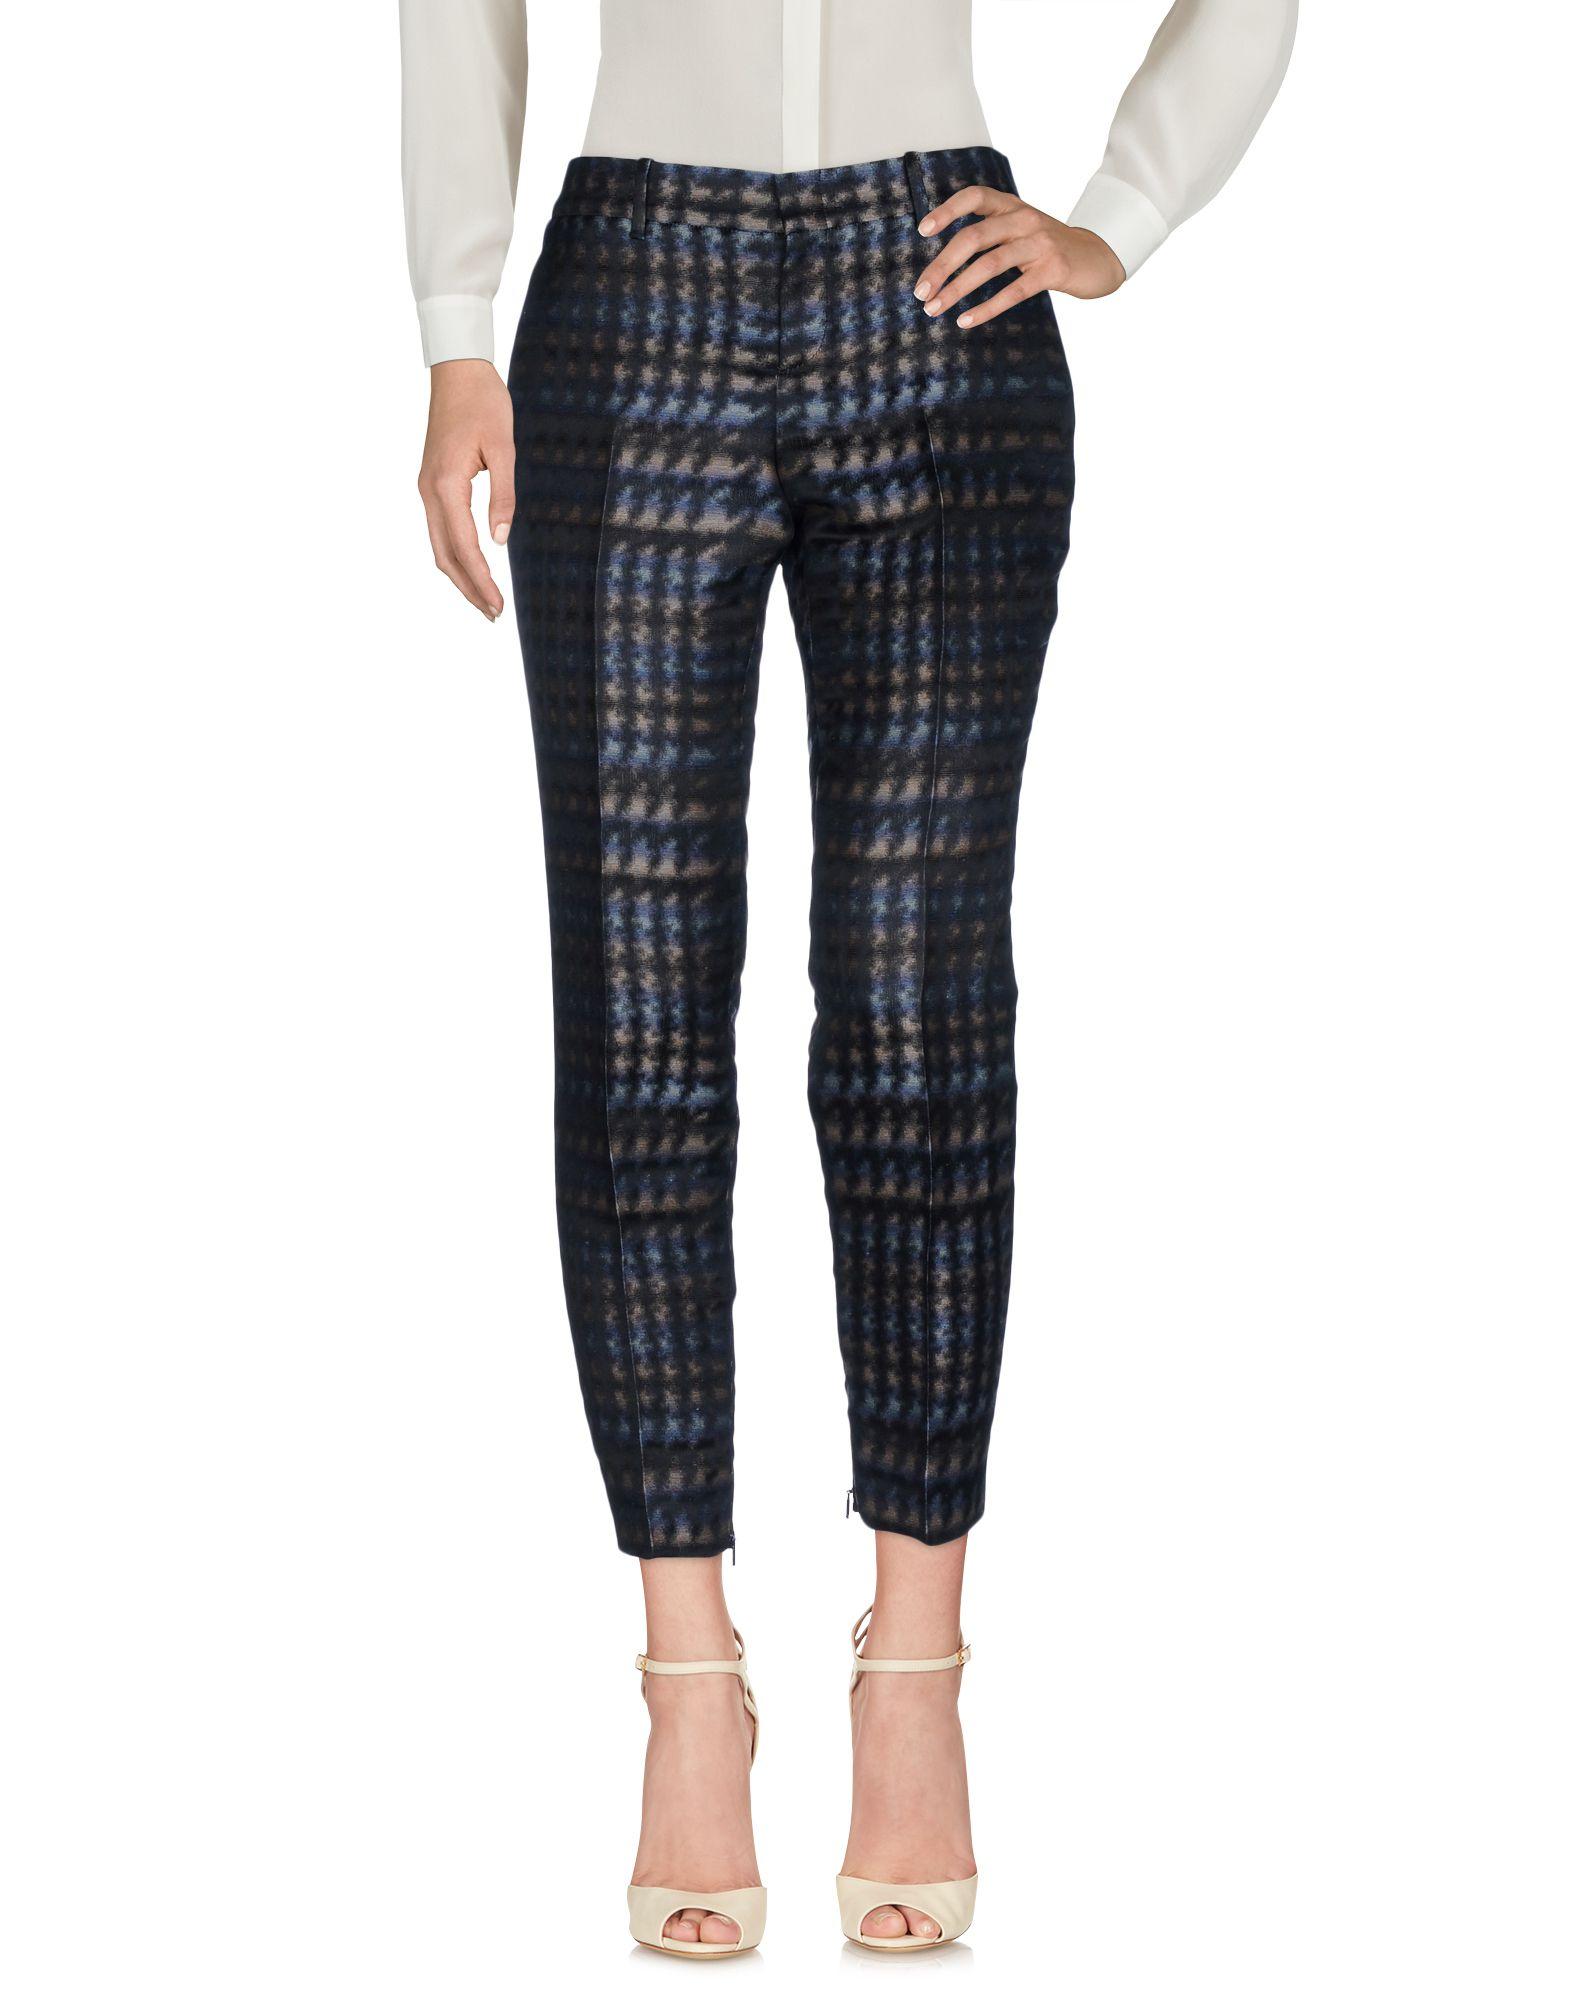 Pantalone Gucci Donna - Acquista online su fbxoEe7R